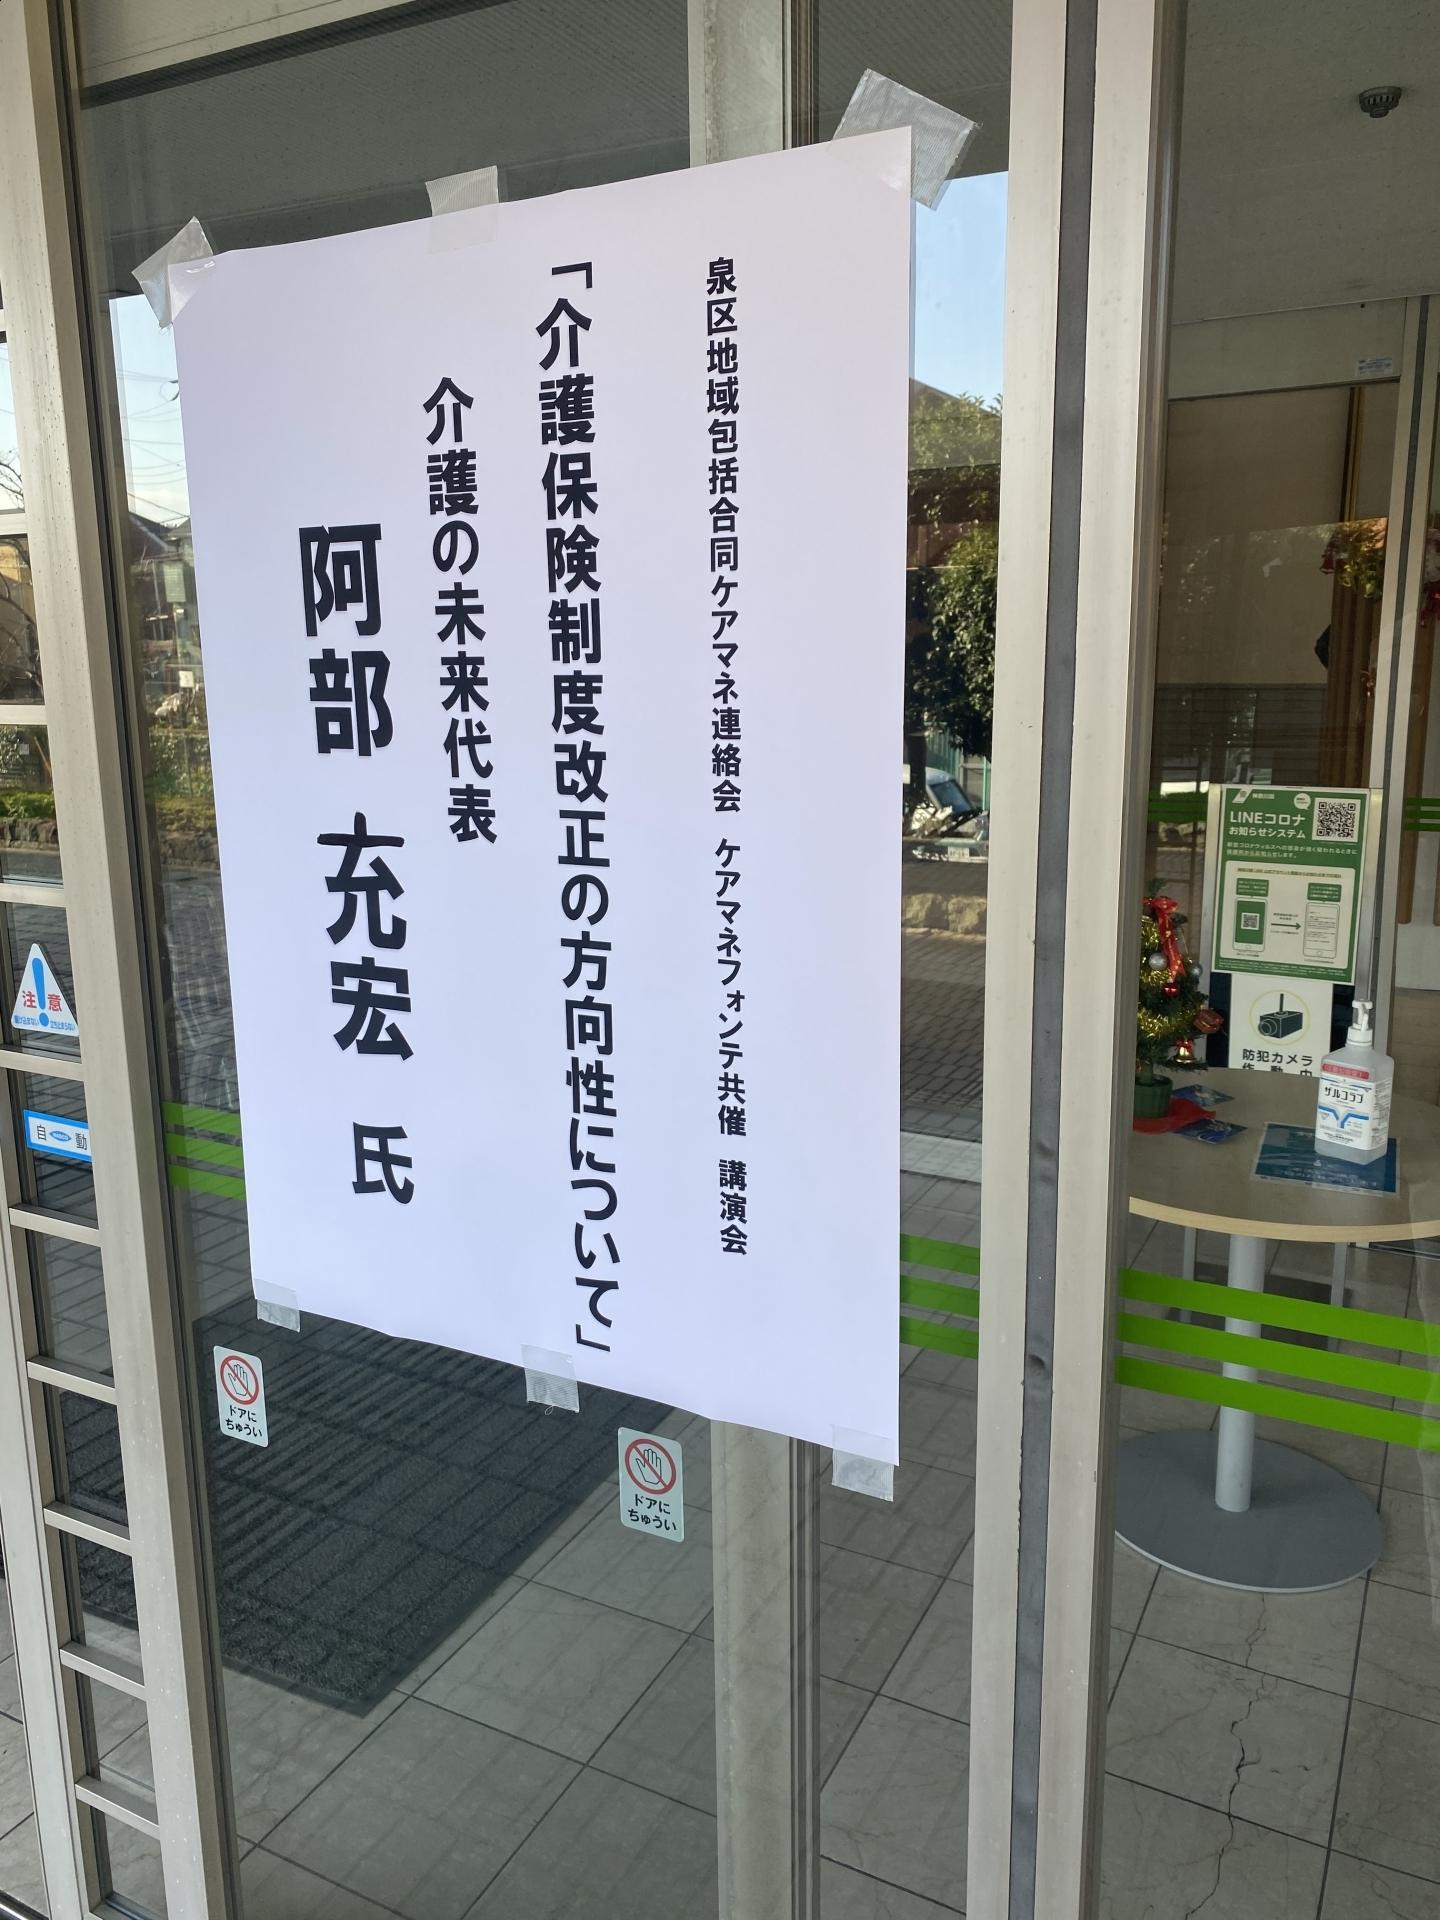 【173】 横浜市泉区のケアマネ研修 (終了レポート)